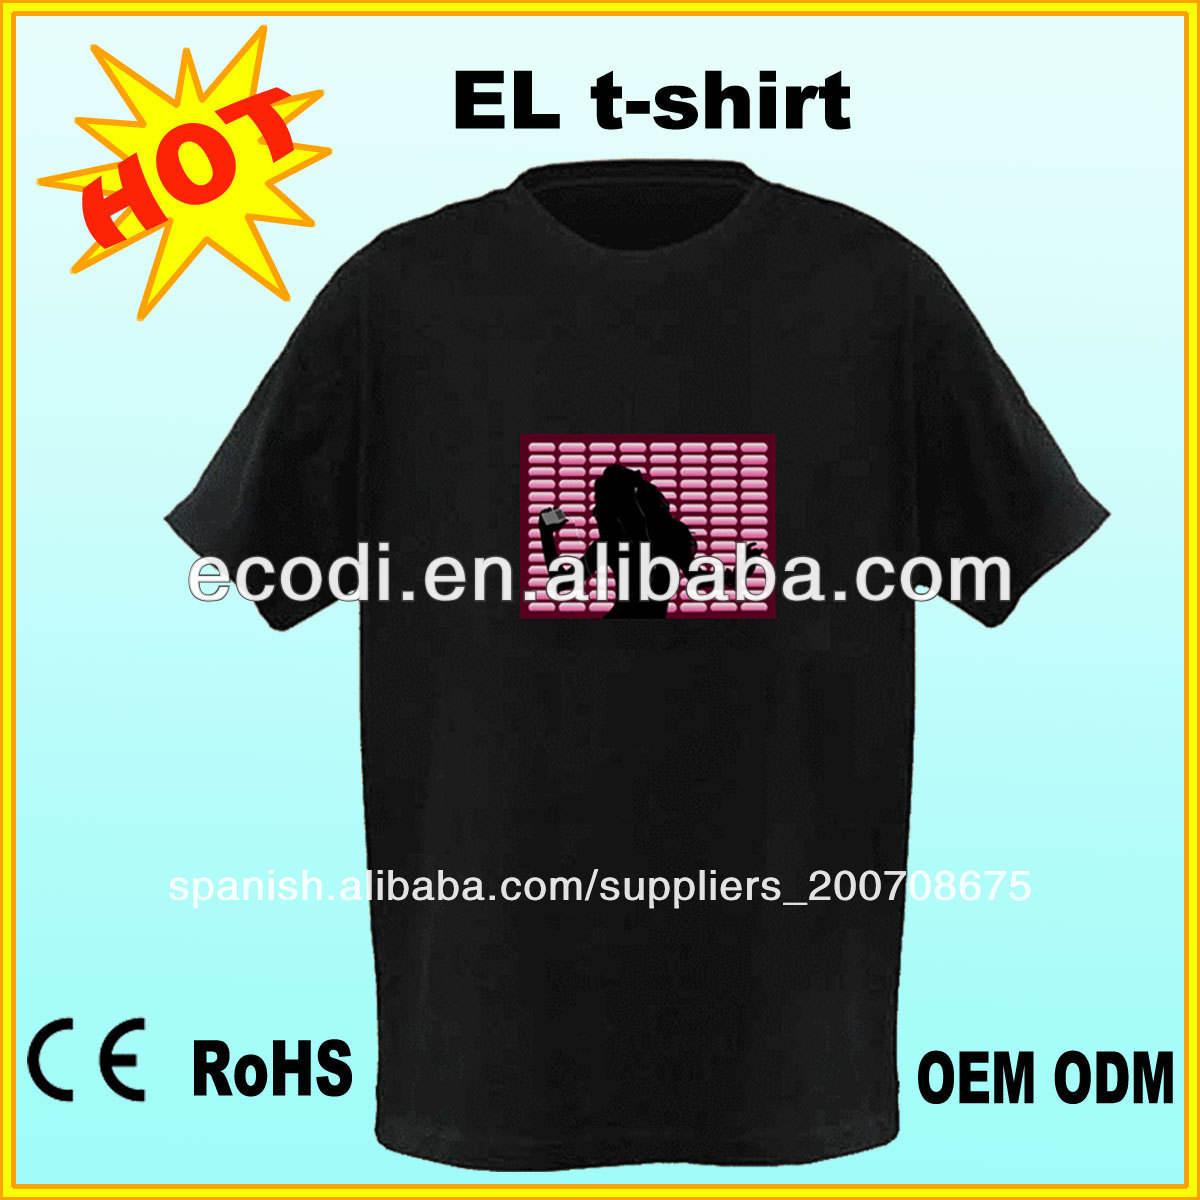 alto brillo De la moda!! 5% off!! <span class=keywords><strong>Ecualizador</strong></span> <span class=keywords><strong>camiseta</strong></span> de la luz, flash <span class=keywords><strong>camiseta</strong></span> del el, el flash de la camisa